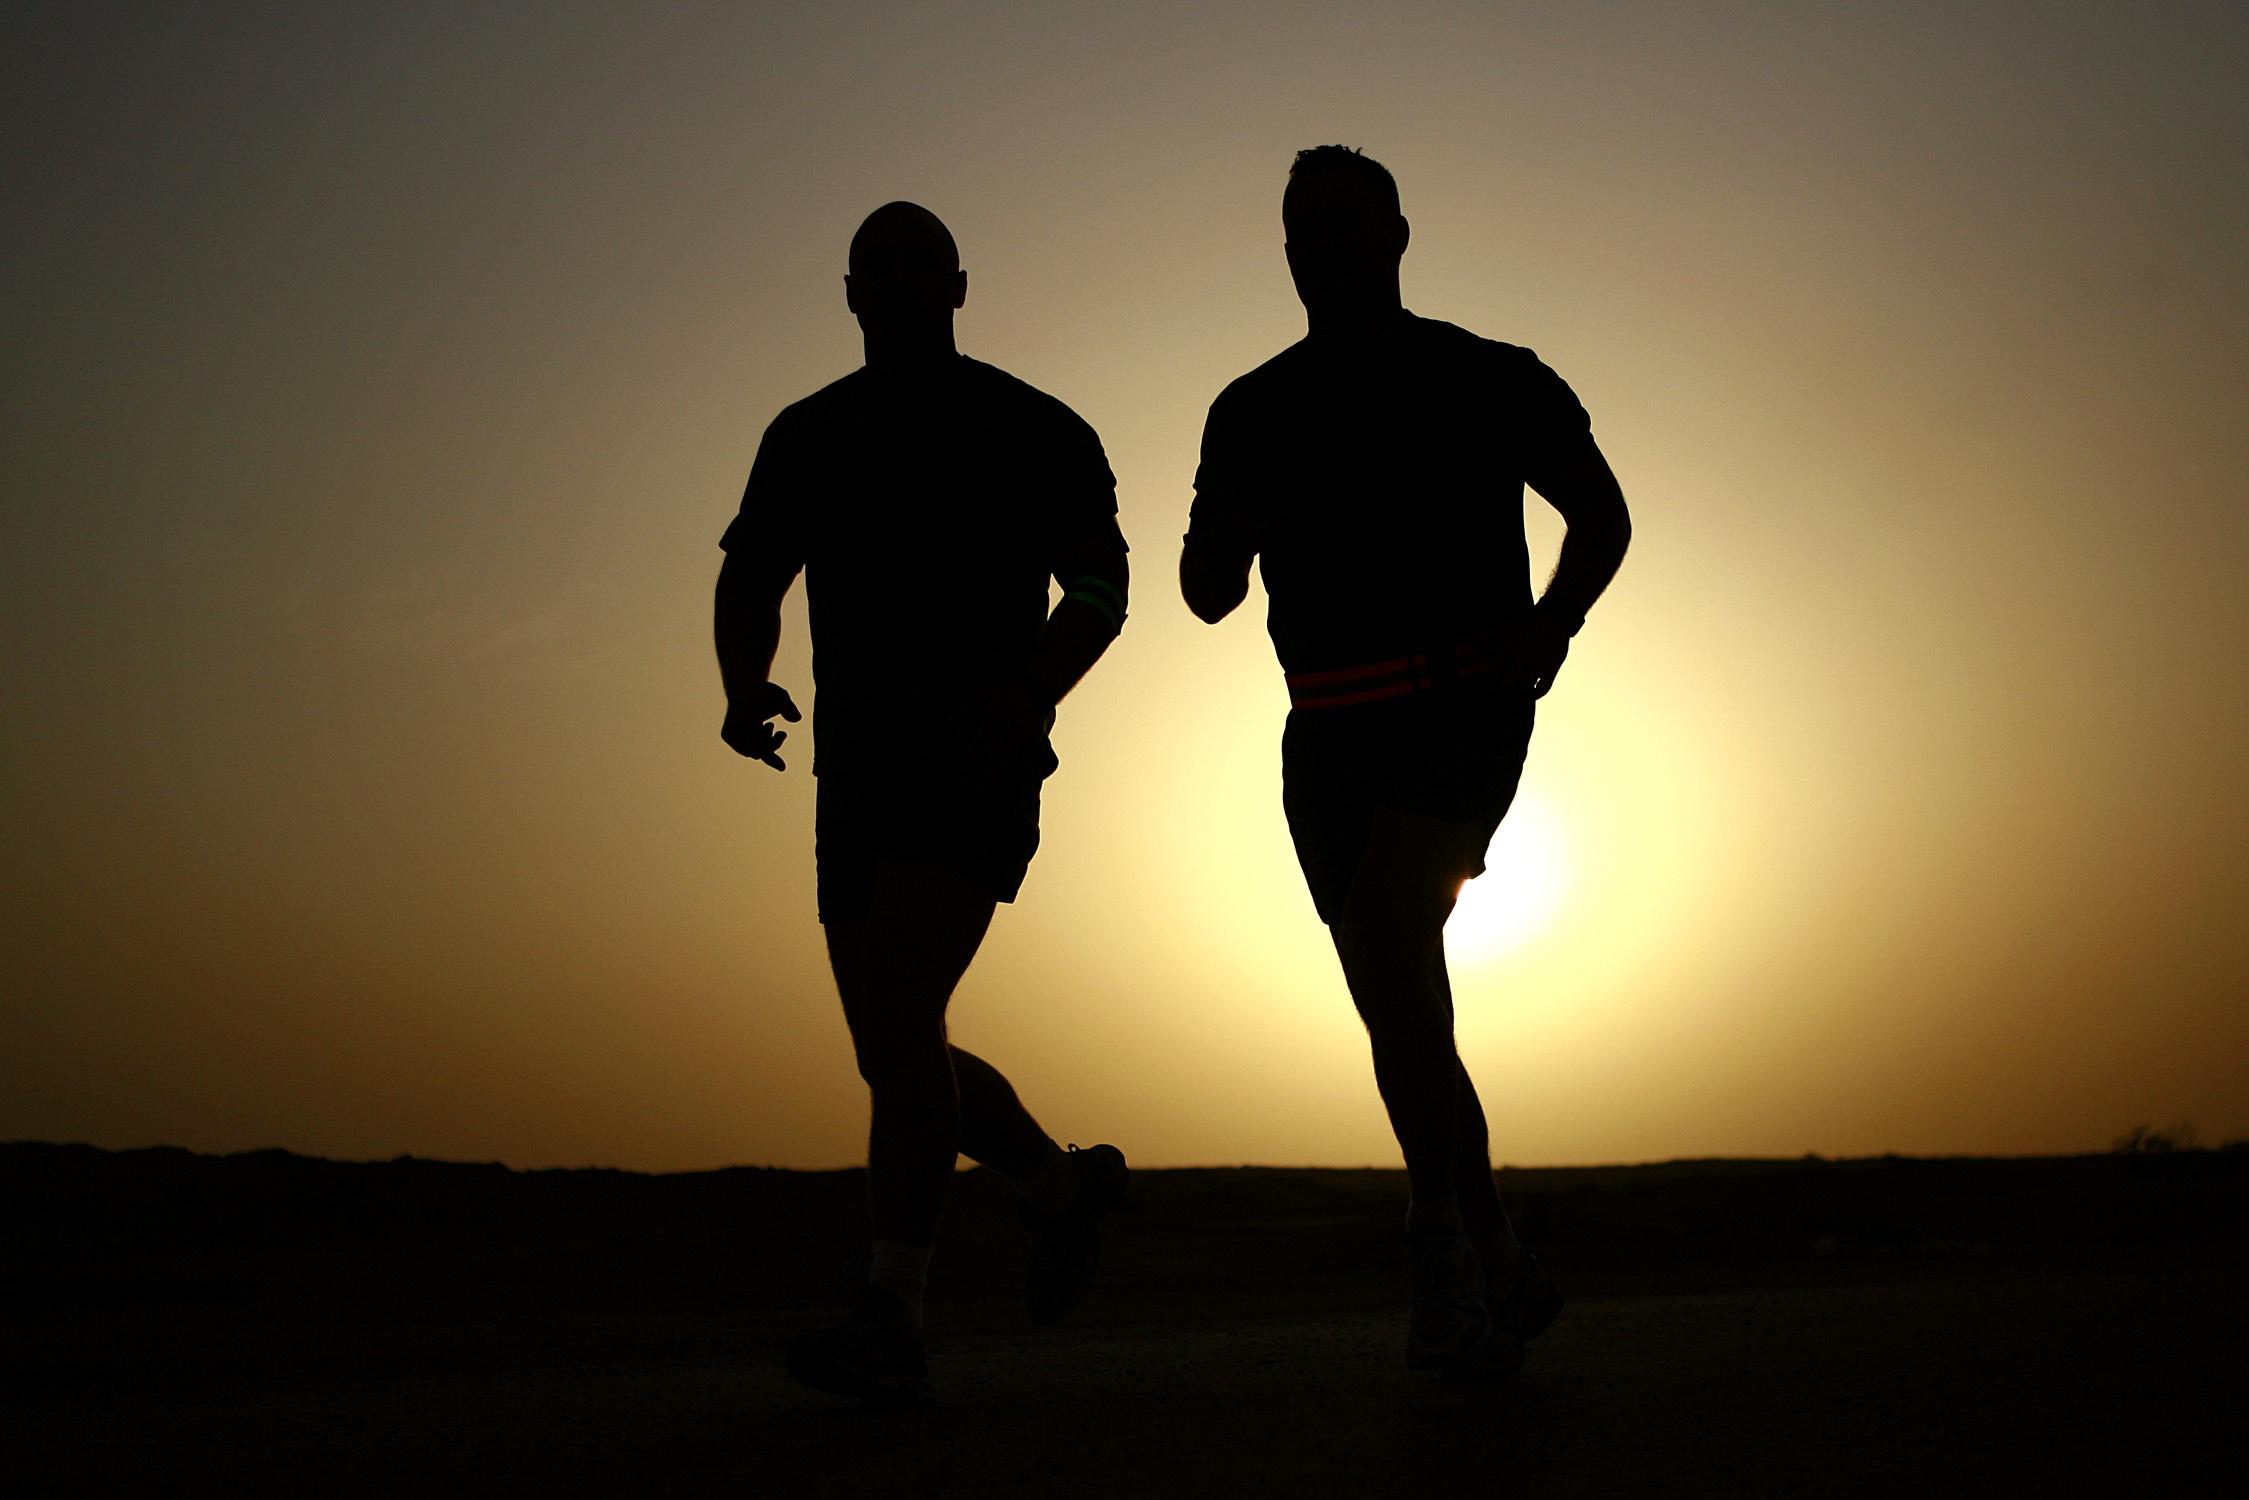 Runners photo